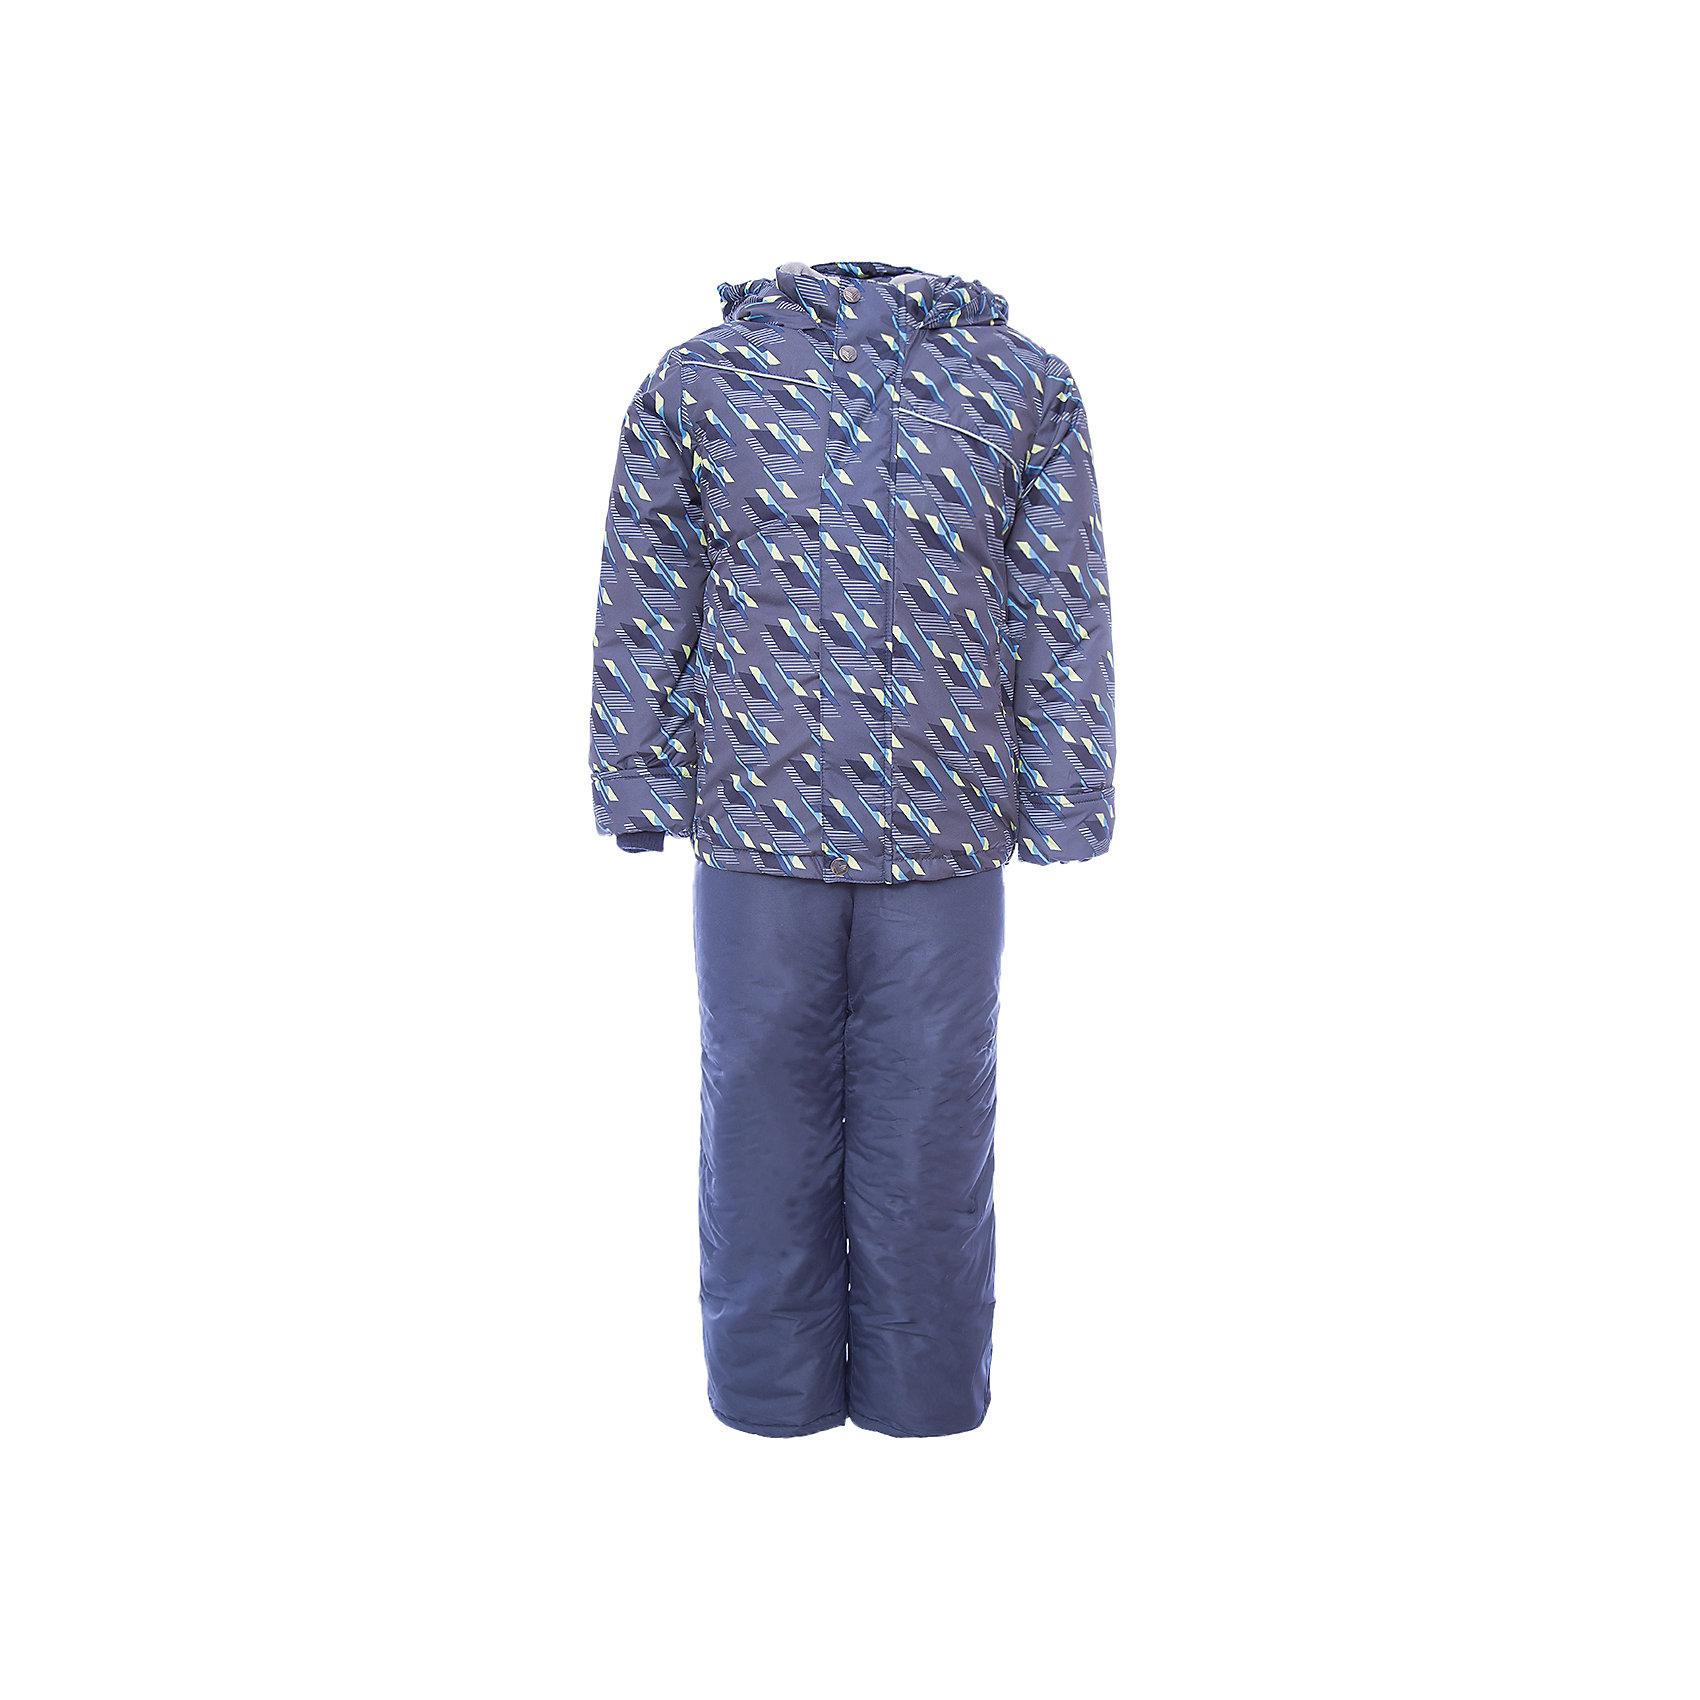 Комплект: куртка и полукомбинезон Генри OLDOS для мальчикаВерхняя одежда<br>Характеристики товара:<br><br>• цвет: серый<br>• комплектация: куртка и полукомбинезон<br>• состав ткани: полиэстер<br>• подкладка: флис<br>• утеплитель: Hollofan <br>• сезон: зима<br>• мембранное покрытие<br>• температурный режим: от -30 до 0<br>• водонепроницаемость: 3000 мм <br>• паропроницаемость: 3000 г/м2<br>• плотность утеплителя: куртка - 300 г/м2, полукомбинезон - 150 г/м2<br>• застежка: молния<br>• капюшон: без меха, несъемный<br>• страна бренда: Россия<br>• страна изготовитель: Россия<br><br>Серый практичный комплект для мальчика дополнен функциональными деталями для удобства ребенка: воротник-стойка, двойная планка от ветра. Высокотехнологичное покрытие такого детского комплекта - это защита от воды и грязи, износостойкость, за ним легко ухаживать. Зимний комплект от бренда Oldos разработан с учетом потребностей детей. <br><br>Комплект: куртка и полукомбинезон Генри Oldos (Олдос) для мальчика можно купить в нашем интернет-магазине.<br><br>Ширина мм: 356<br>Глубина мм: 10<br>Высота мм: 245<br>Вес г: 519<br>Цвет: серый<br>Возраст от месяцев: 84<br>Возраст до месяцев: 96<br>Пол: Мужской<br>Возраст: Детский<br>Размер: 128,134,92,98,104,110,116,122<br>SKU: 7016548